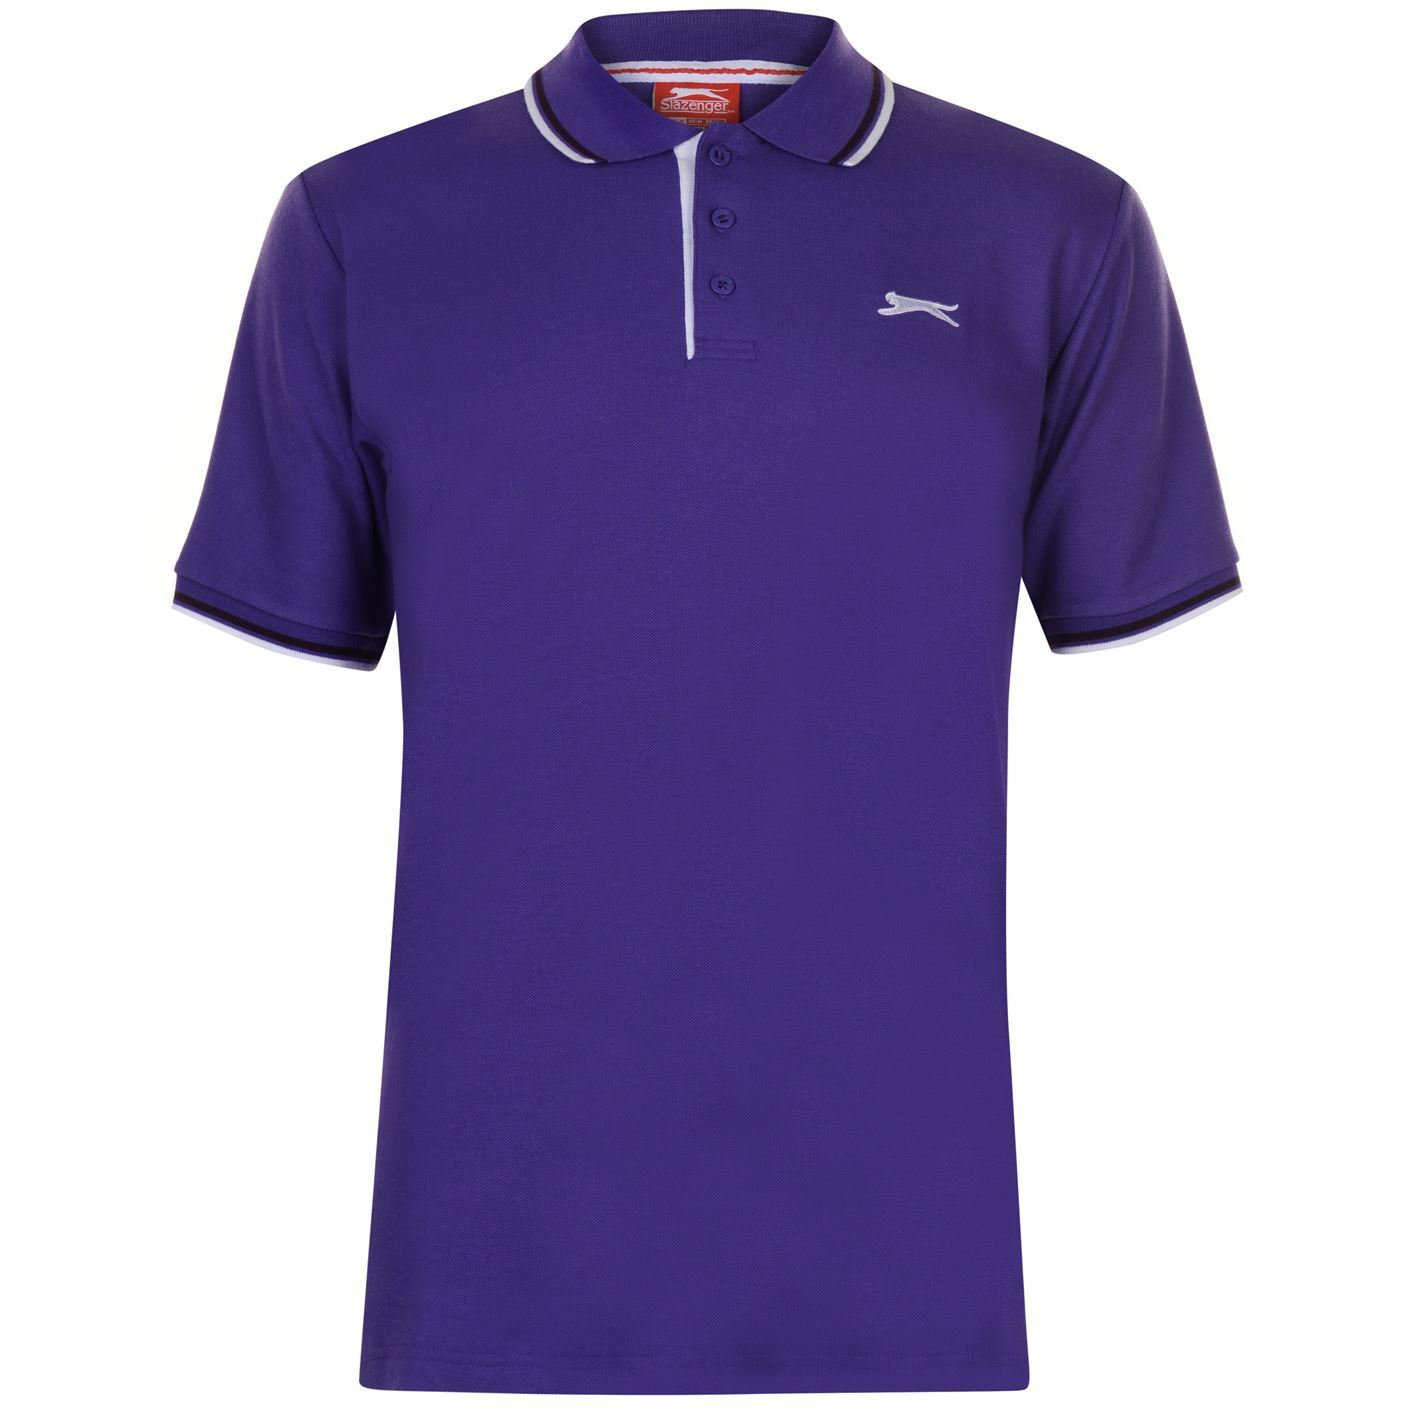 Slazenger-Polo-Camisa-de-hombre-con-cuello-con-Punta-T-Shirt-Top-Camiseta-Tee miniatura 61